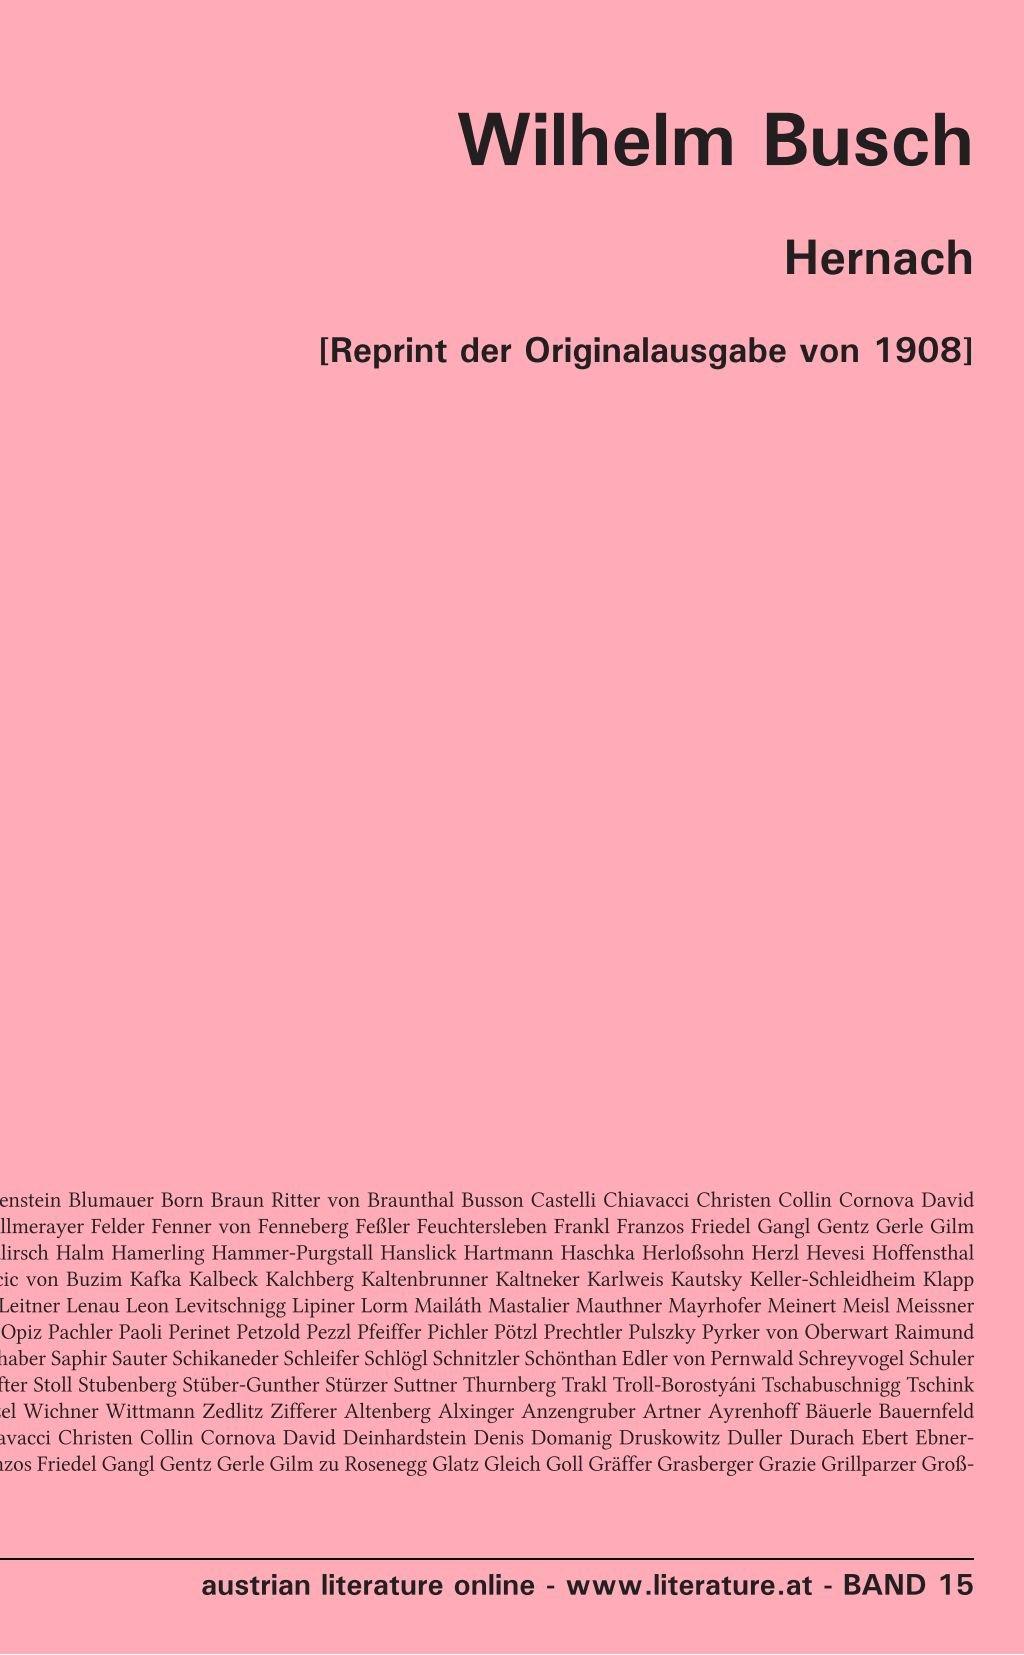 Hernach: [Reprint der Originalausgabe von 1908]